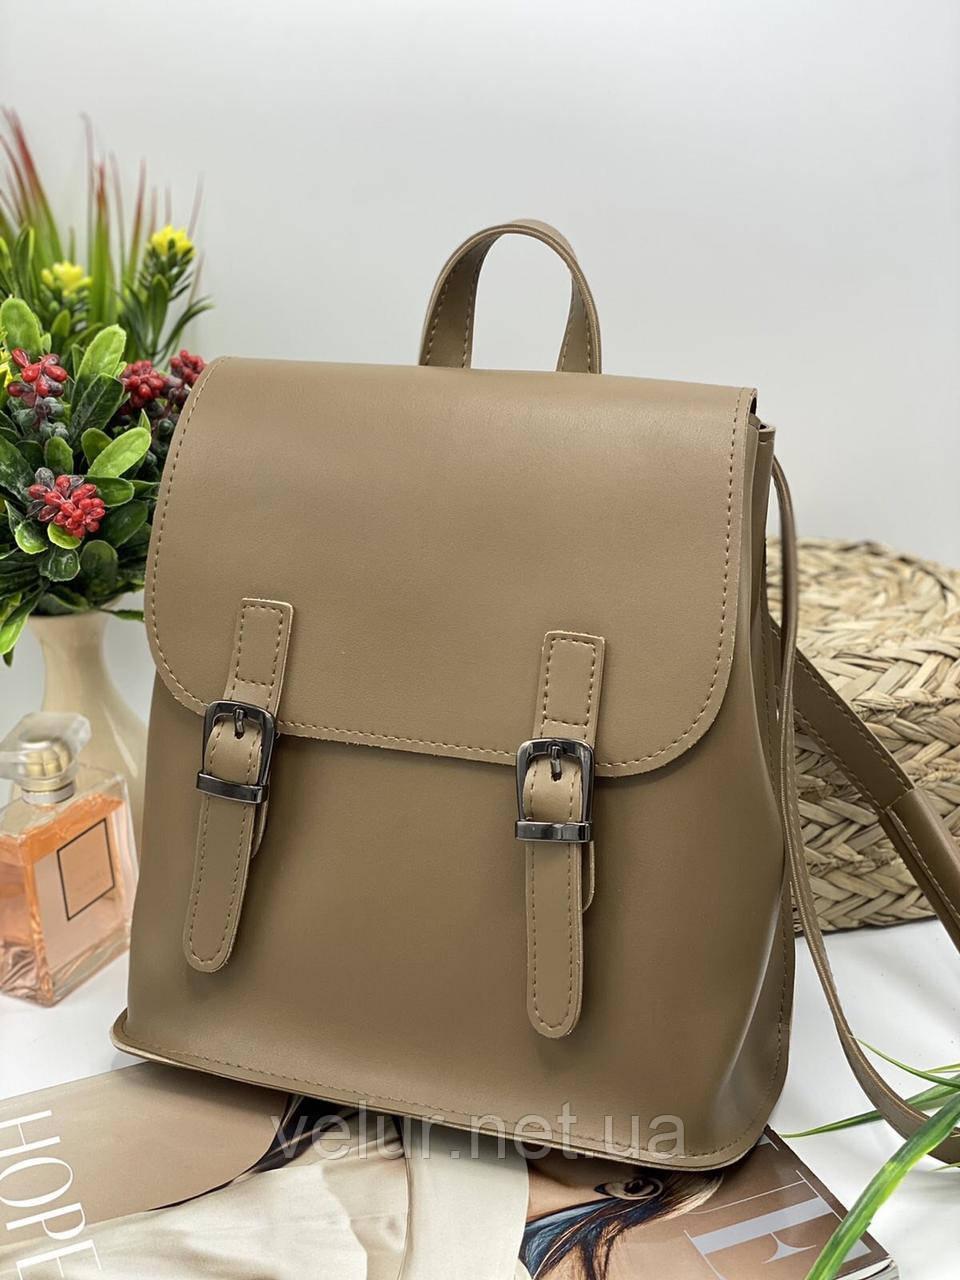 Женская стильная сумка; турецкая эко-кожа PU, размеры 25*28*11 см, 8 цветов.